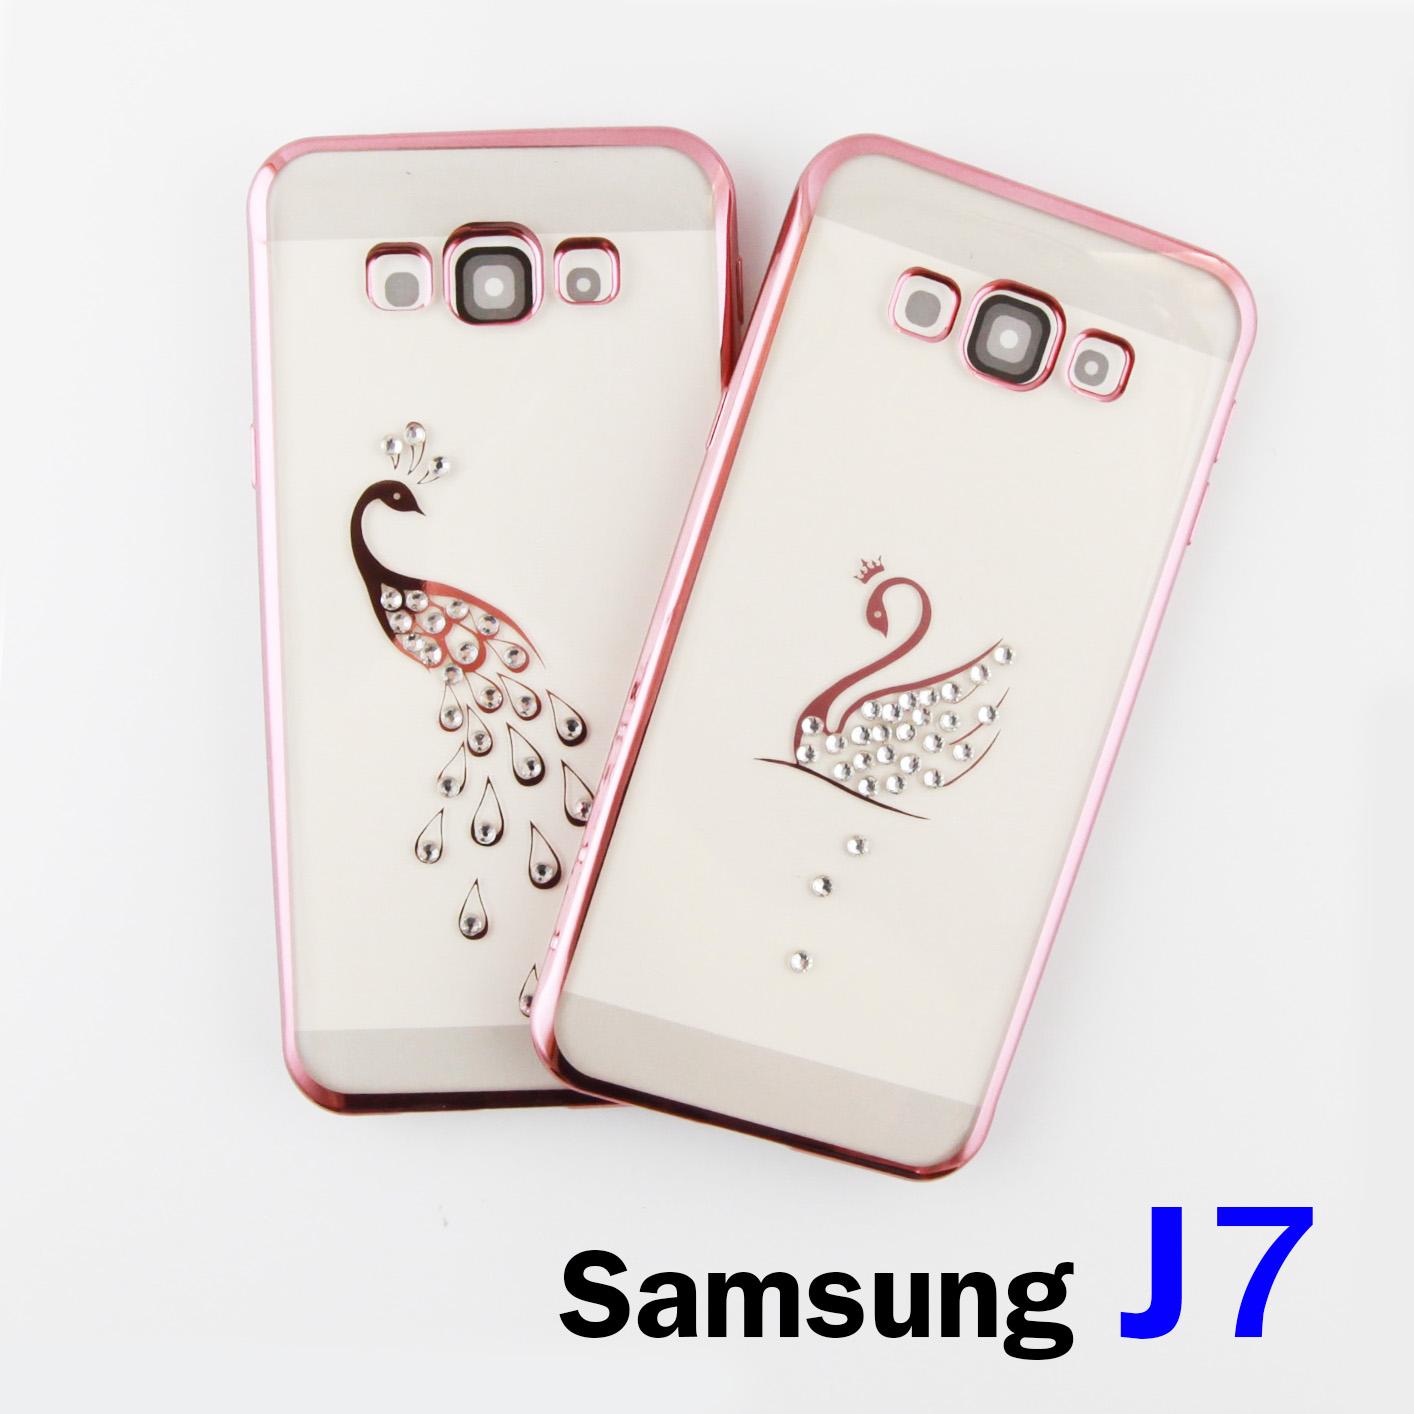 เคส ซิลิโคนใส Samsung J7 CADENZ ลาย ลดเหลือ 50 บาท ปกติ 300 บาท